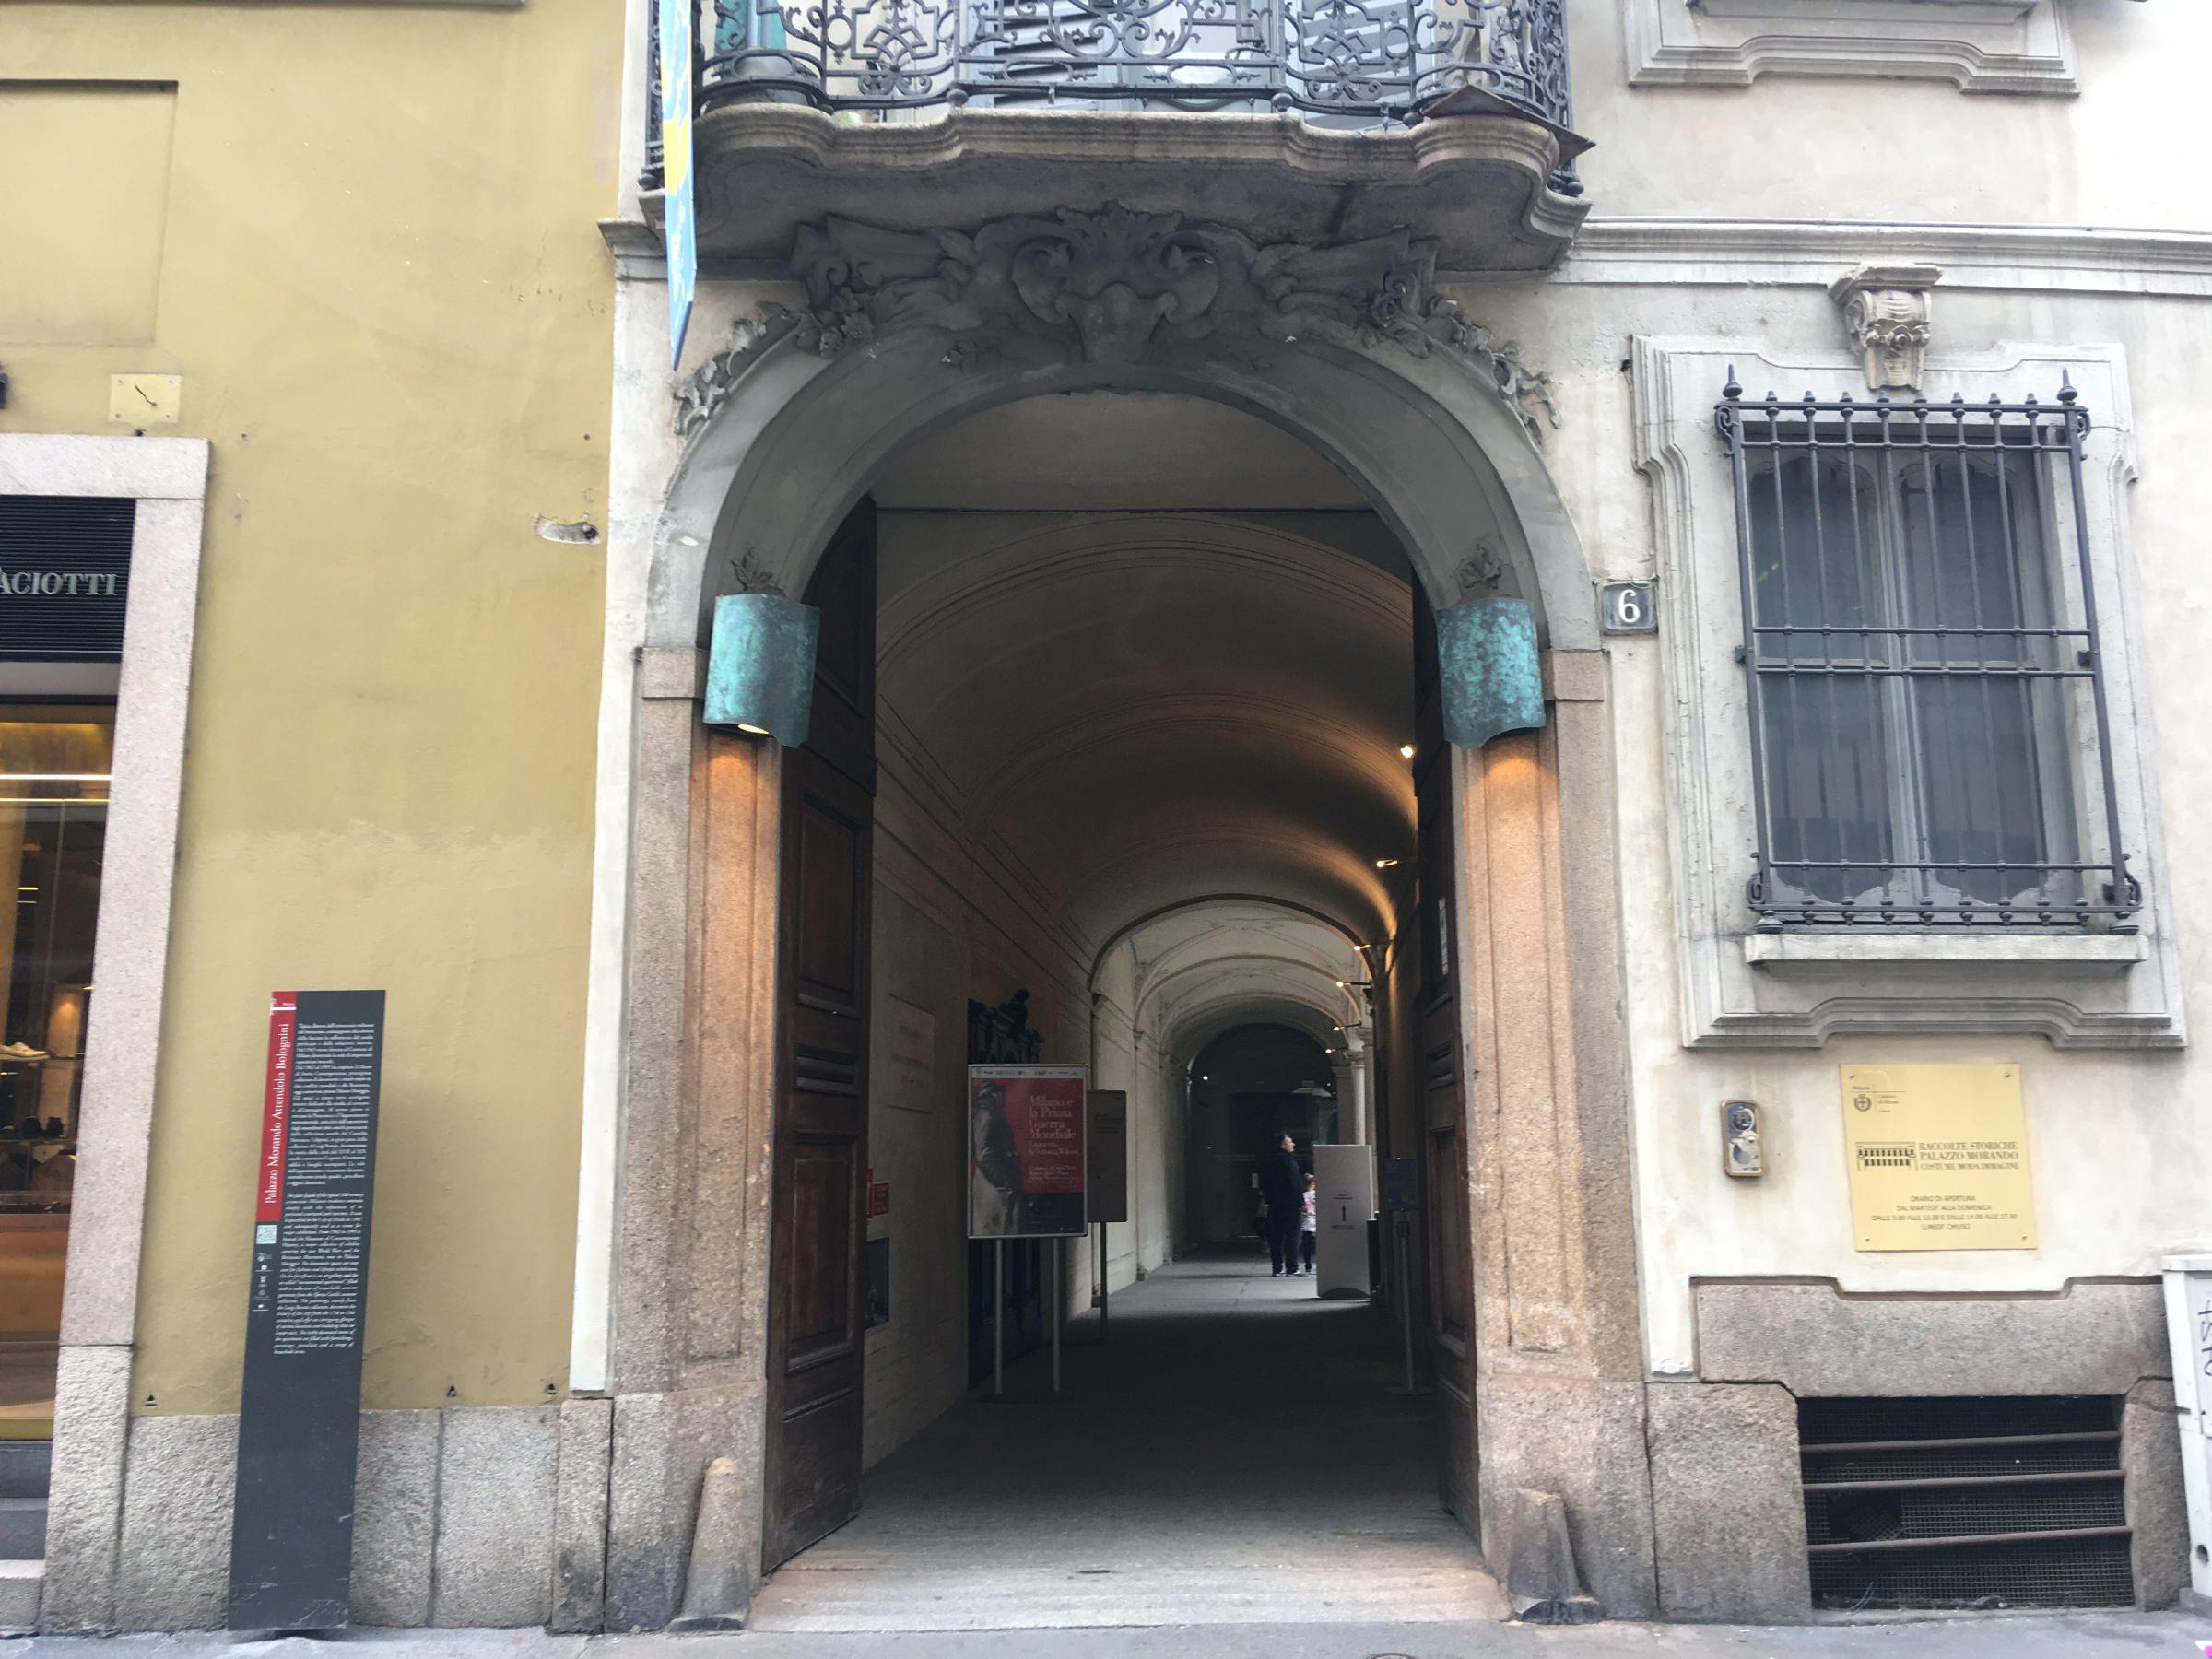 Palazzo morando costume moda immagine milan italy for Palazzo morando